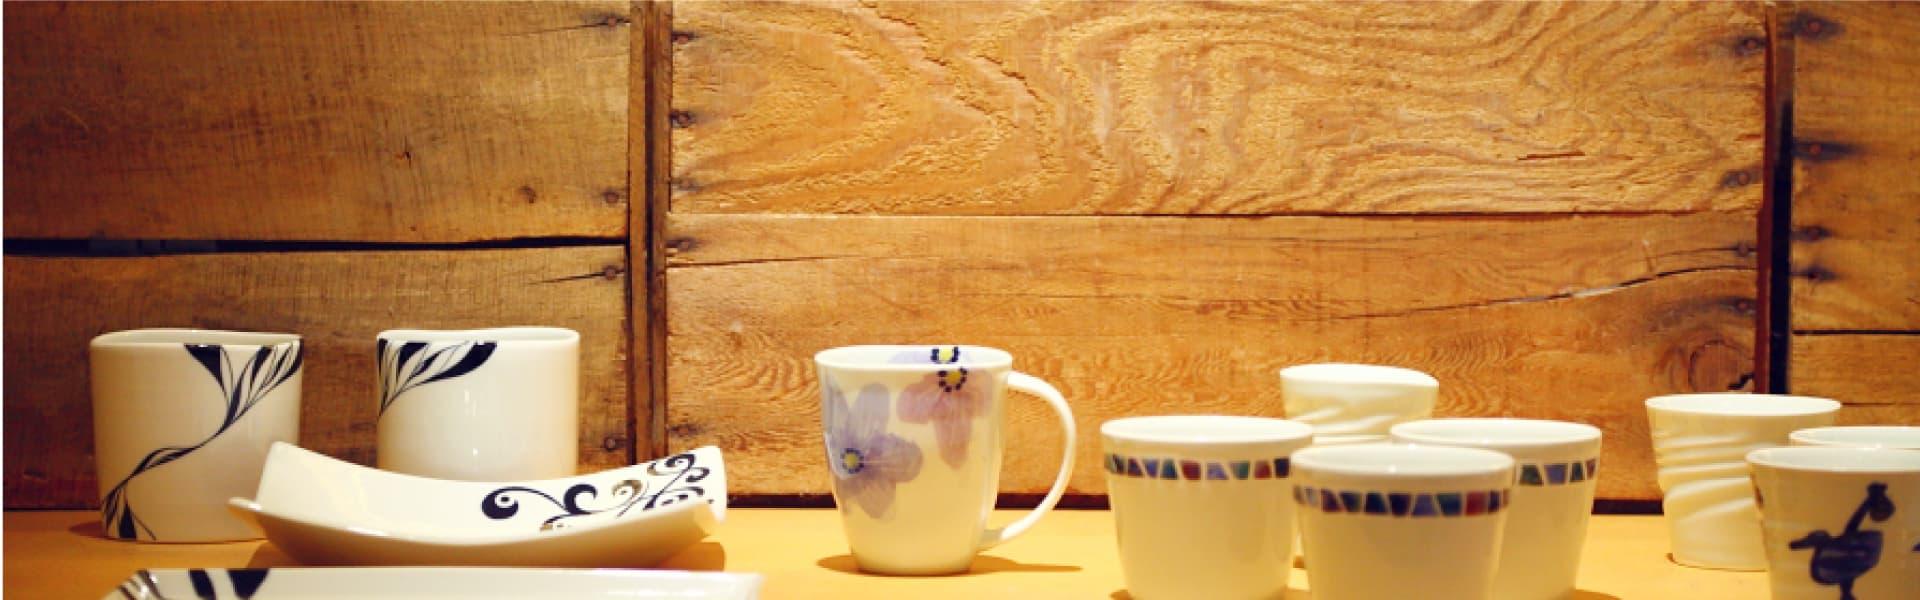 【松山・道後和砥部燒之鄉巡遊】第2天的話,推薦您來這裡!親身體驗一下道後的歷史和砥部町的窯文化。